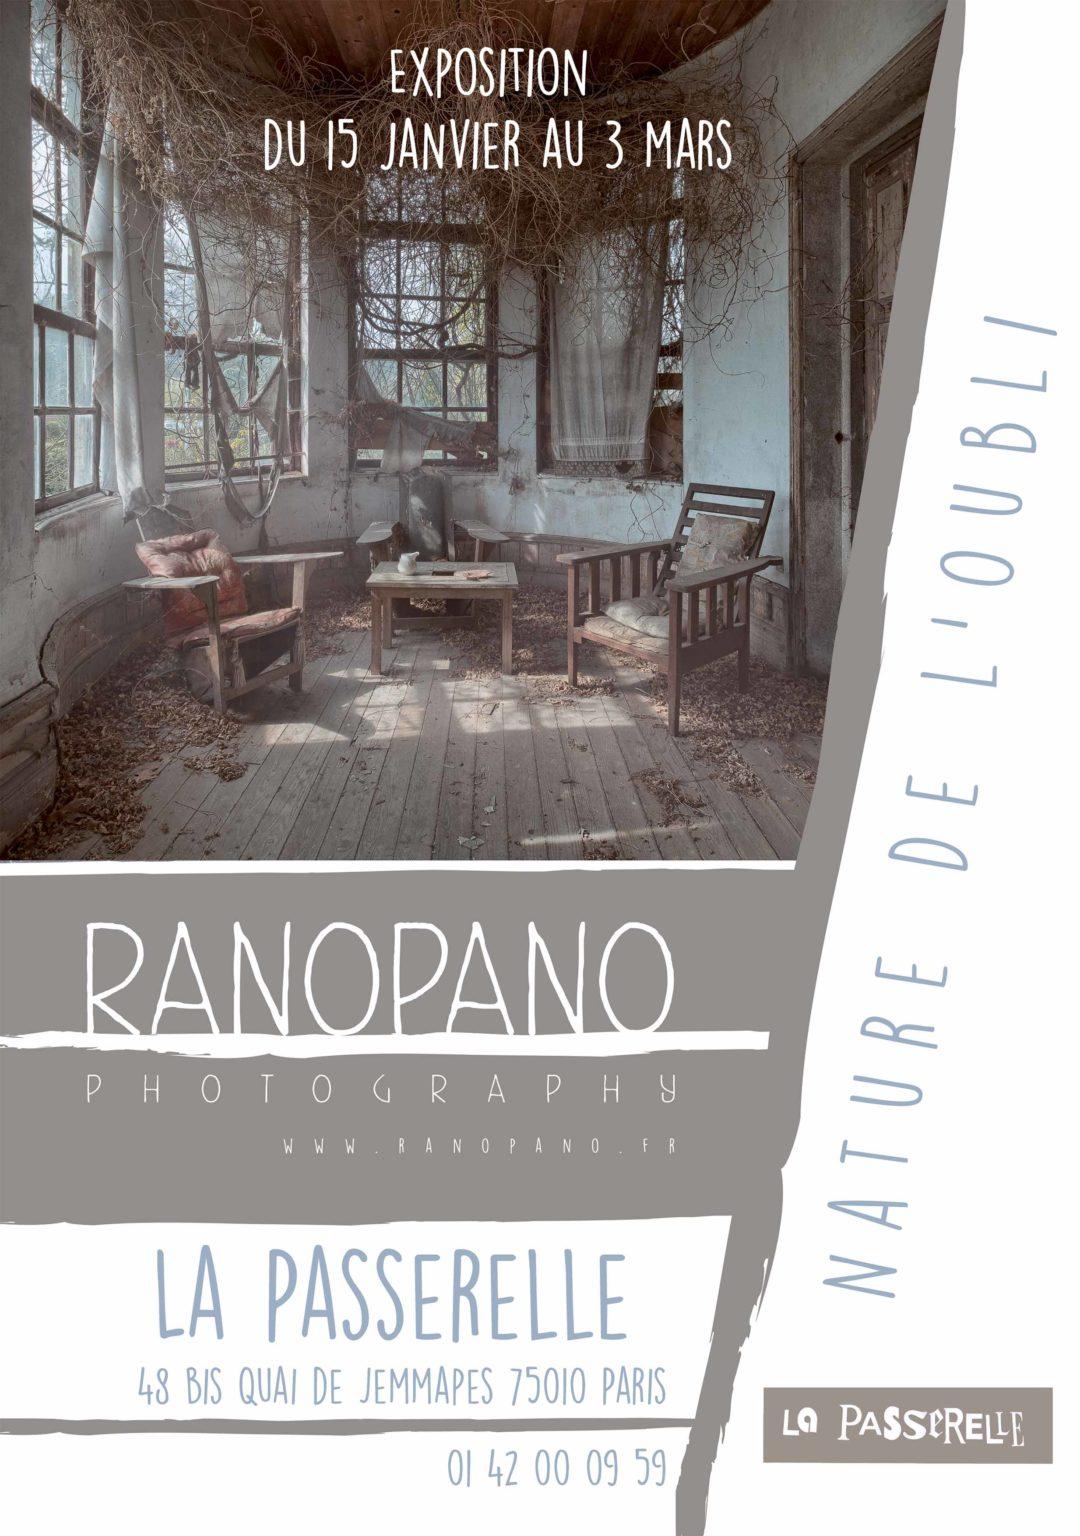 Exposition La Passerelle